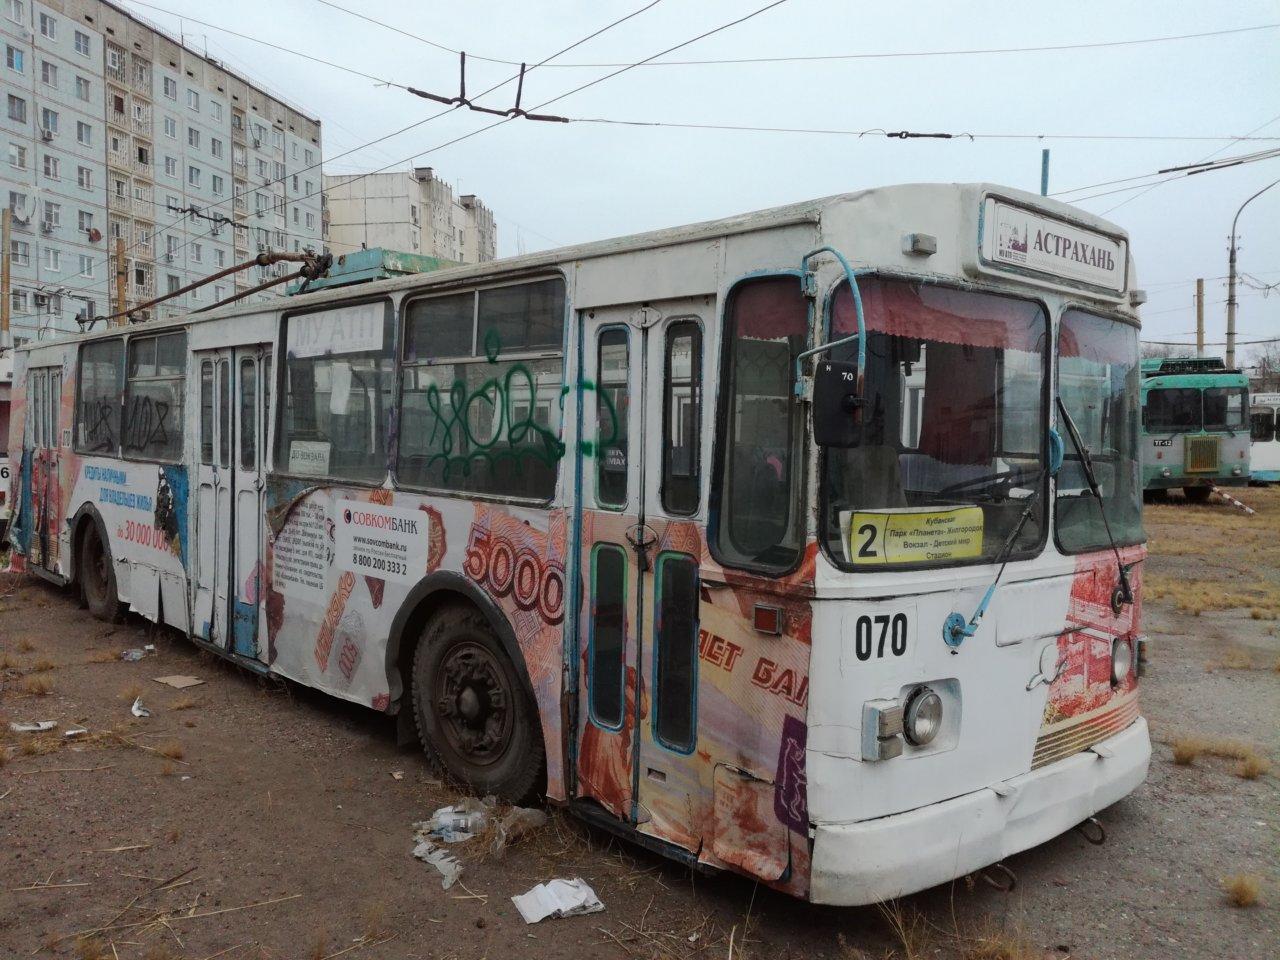 История троллейбуса: славный век «электрического автобуса»